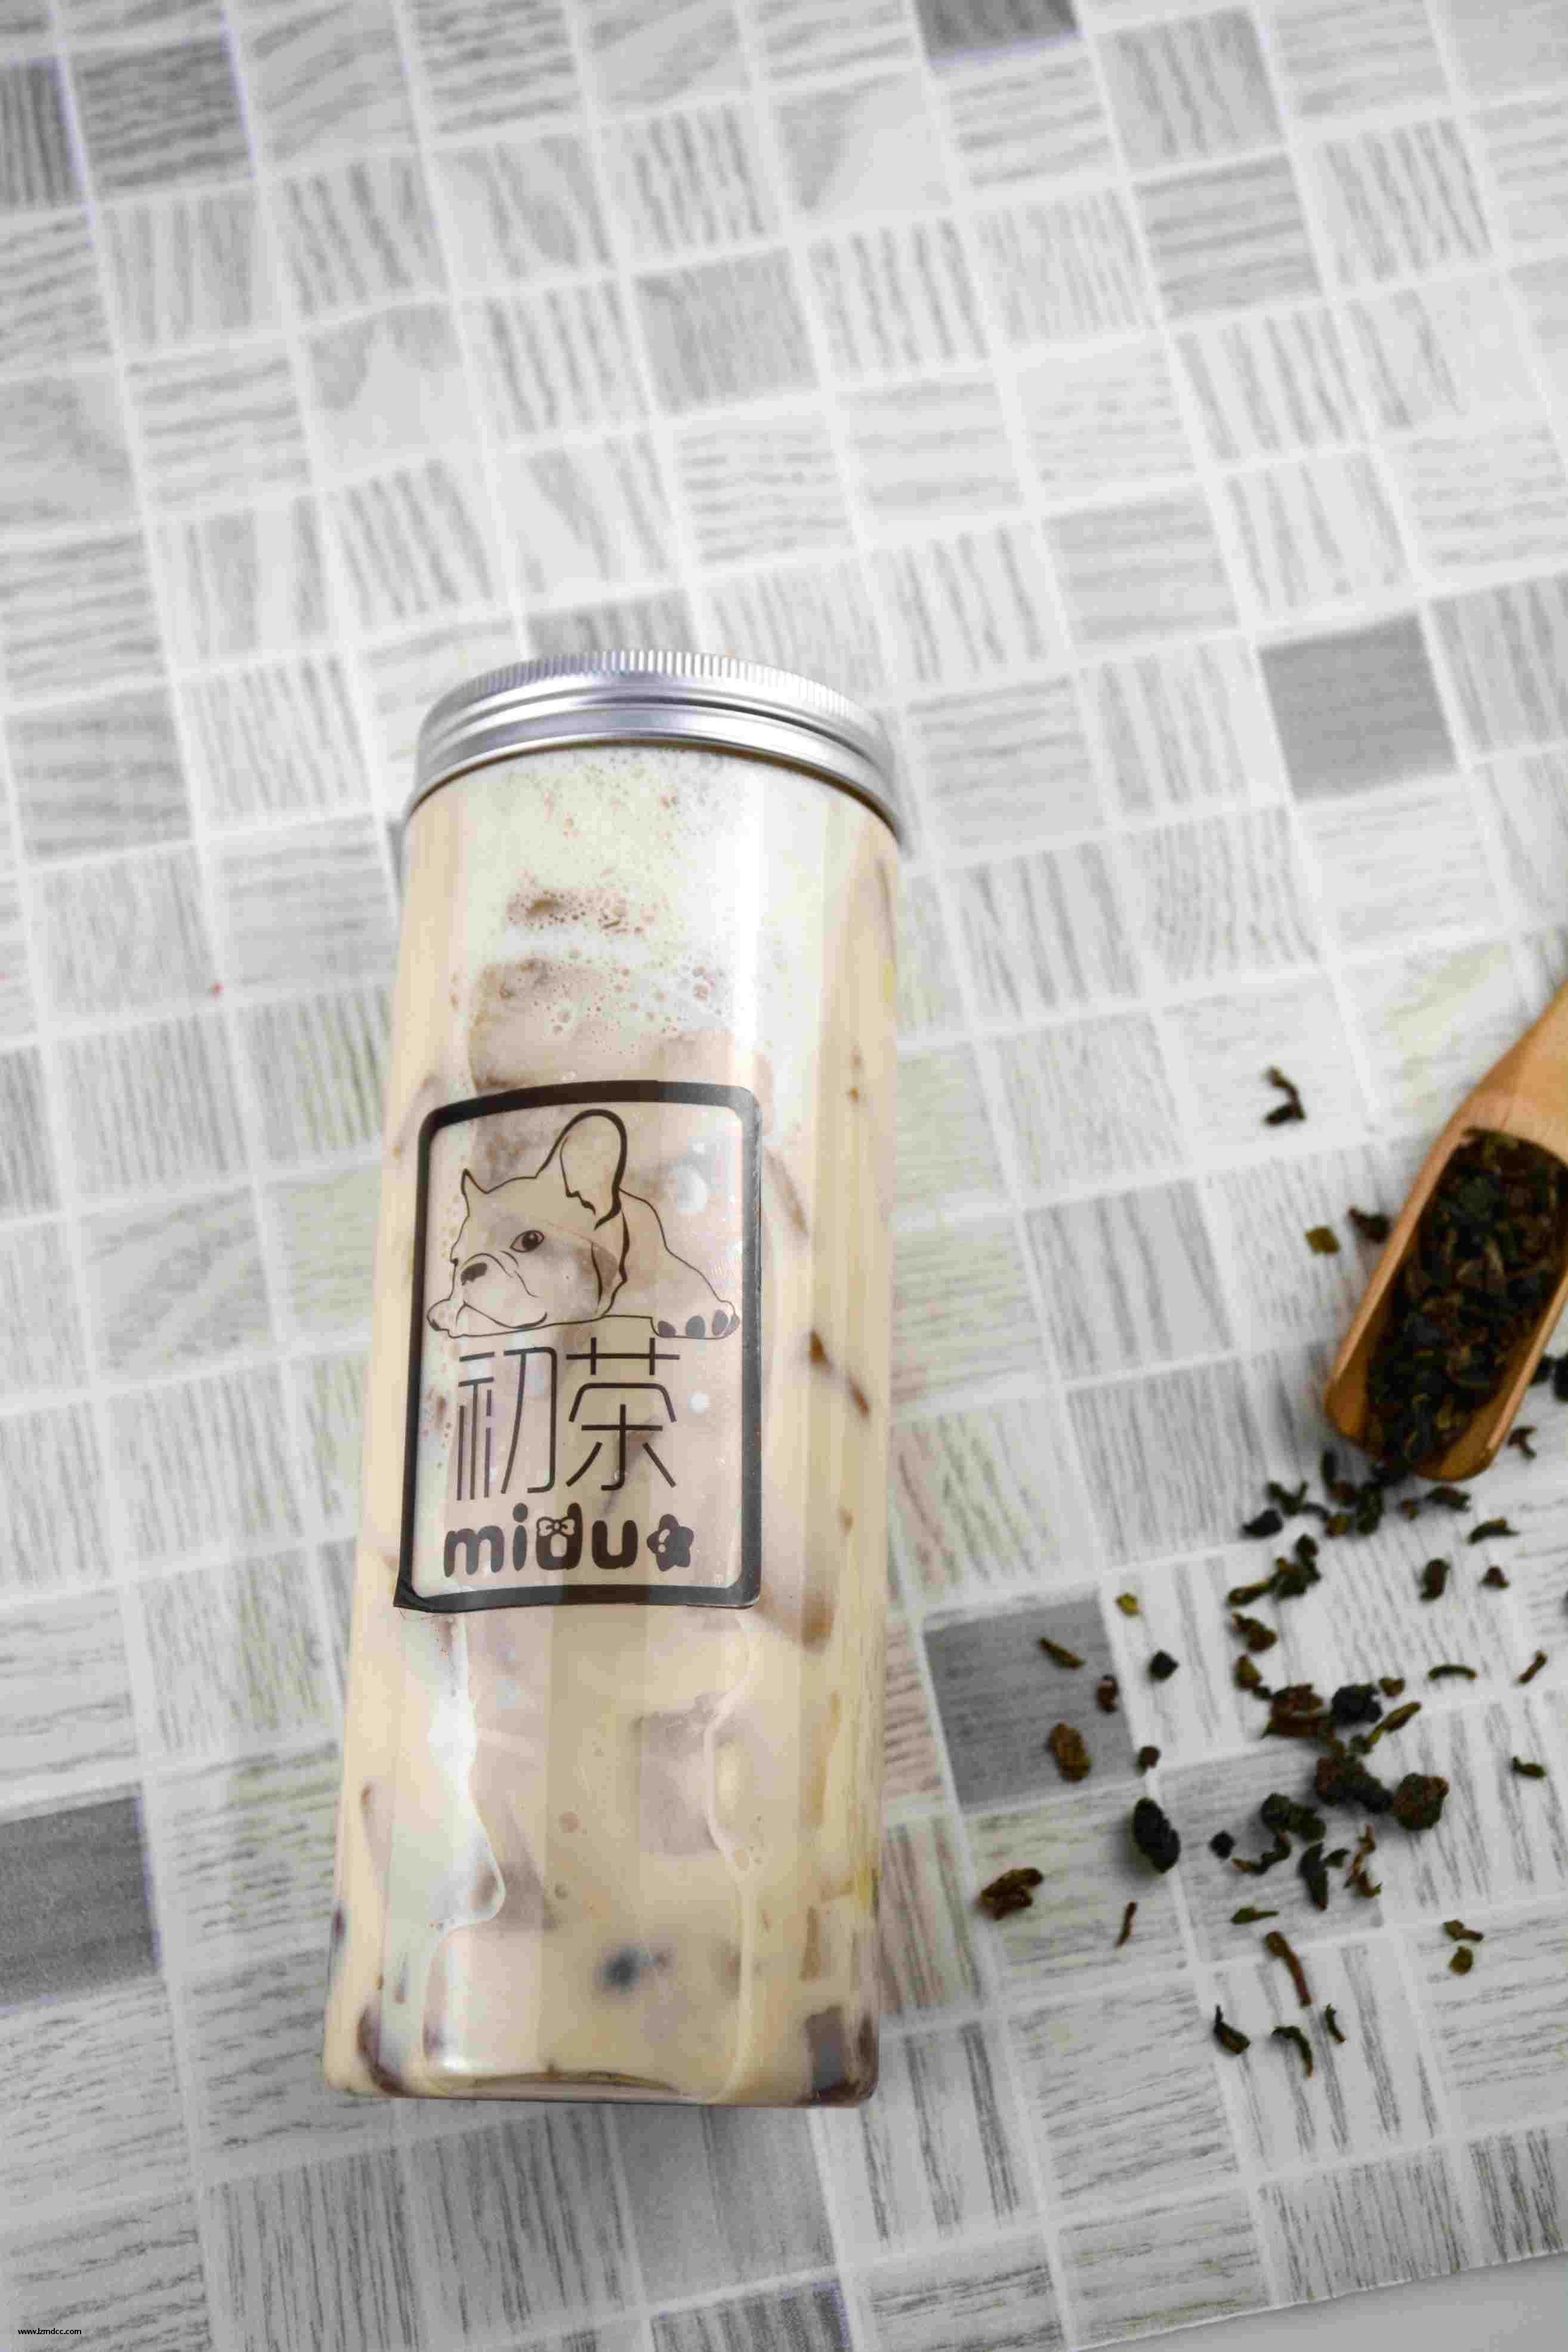 兰州奶茶加盟服务-哪里有提供可靠的奶茶加盟